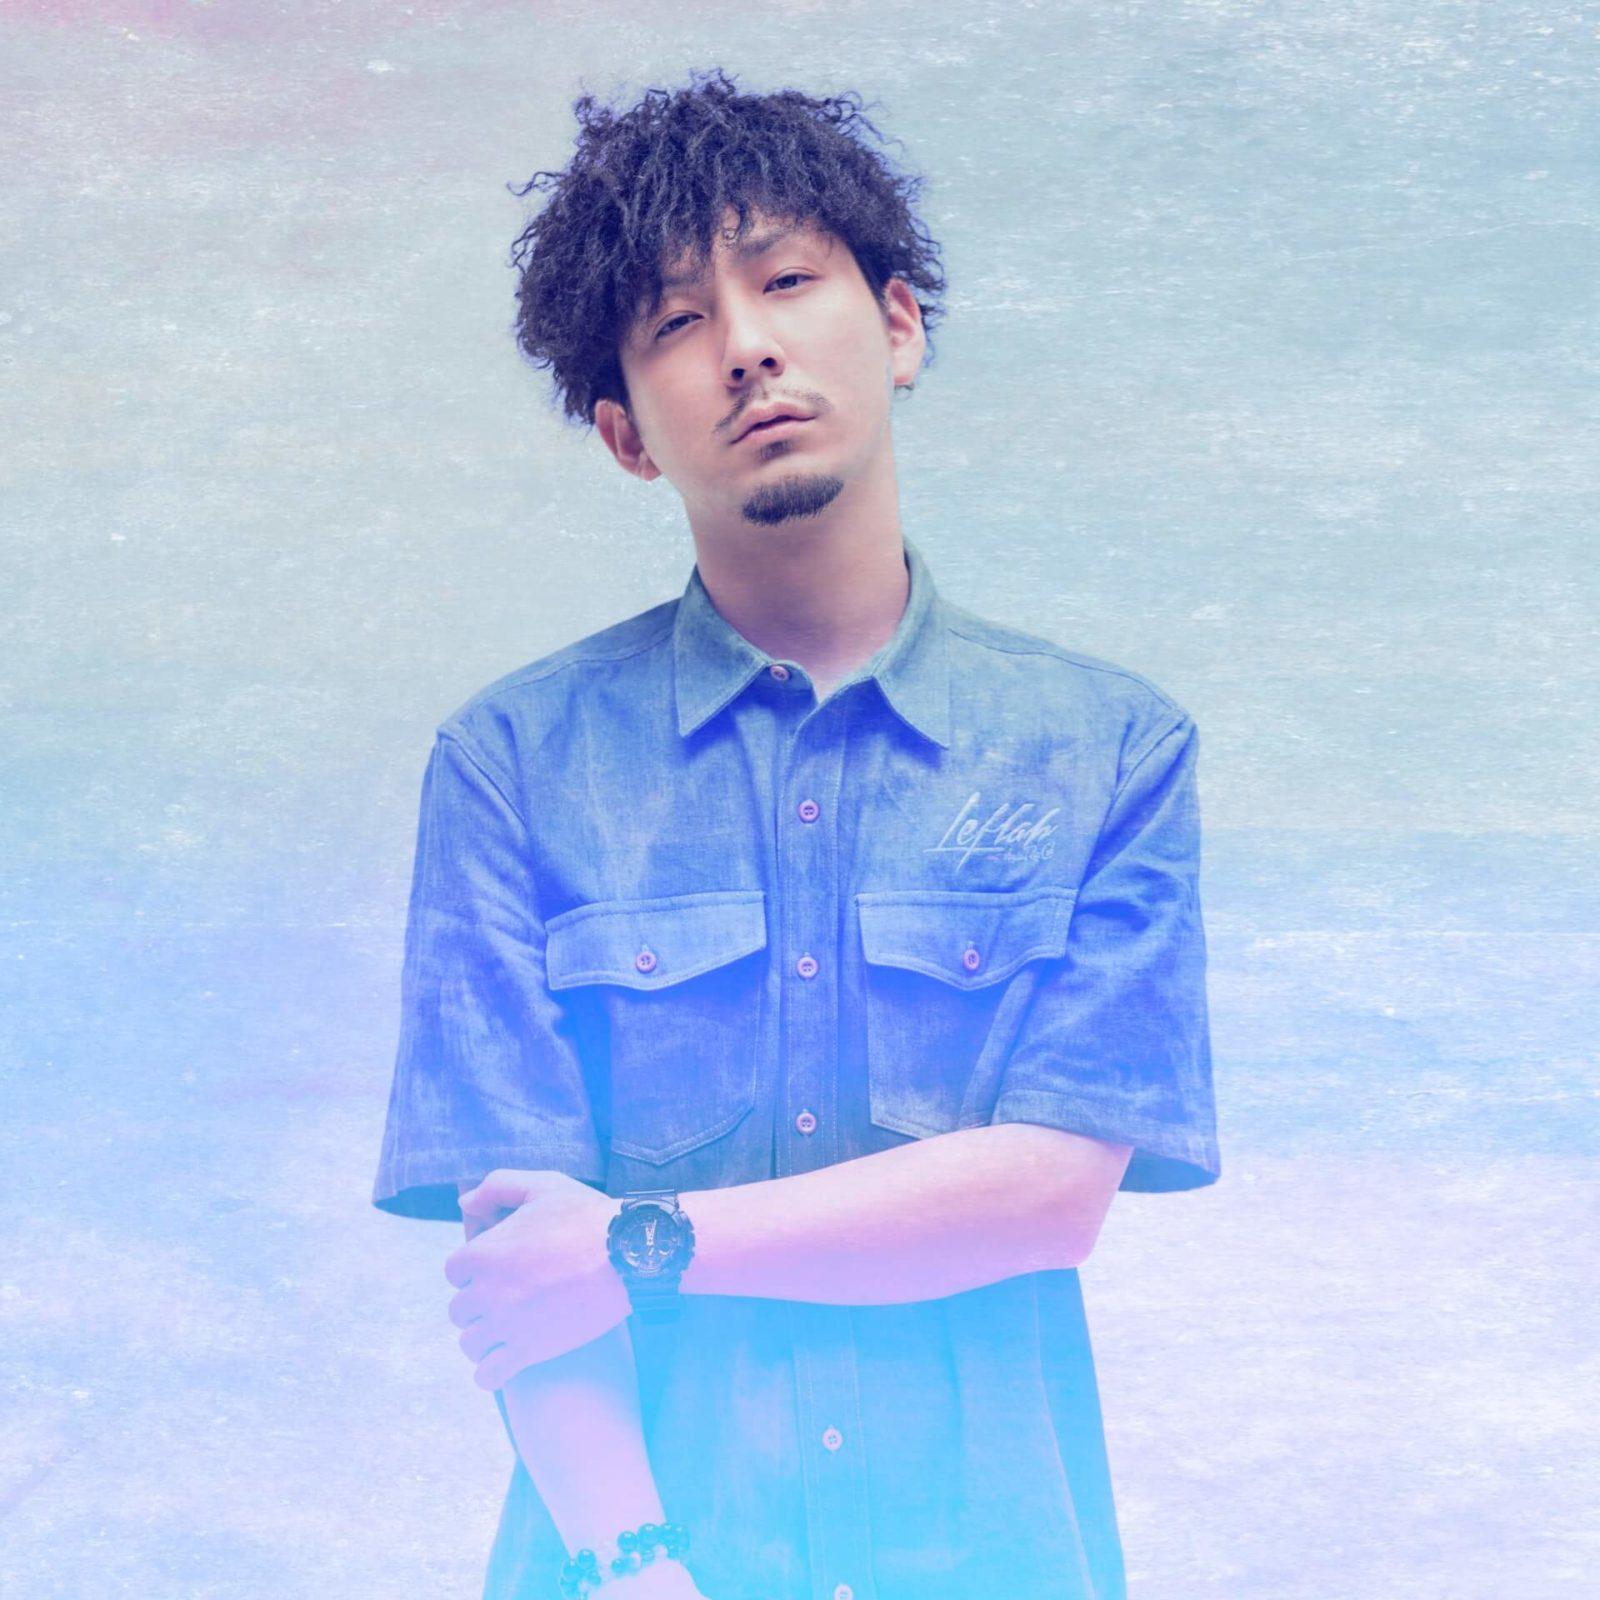 RAY、約2年ぶりの新曲は幻のデビュー曲「人と心」7年の時を超え、2019年版としてリリースサムネイル画像